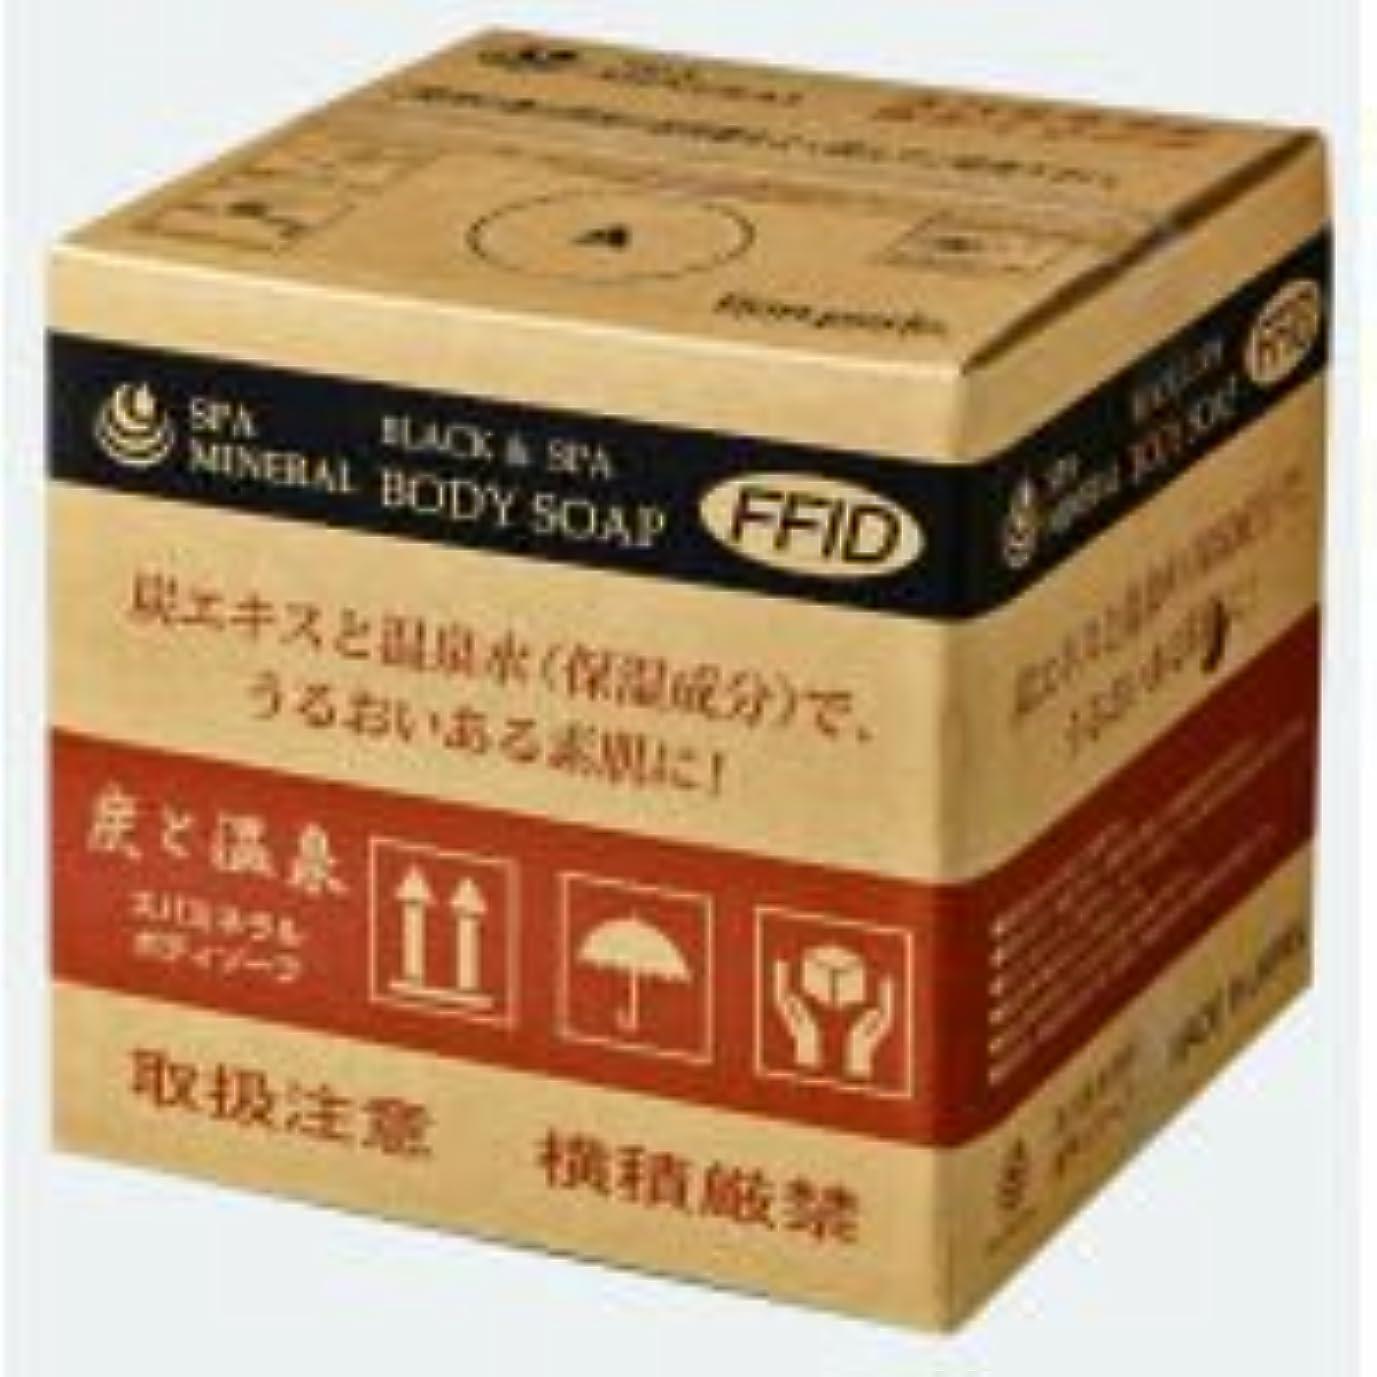 レイアウト配置テクトニックスパミネラル 炭ボディソープ 20kg 詰替用